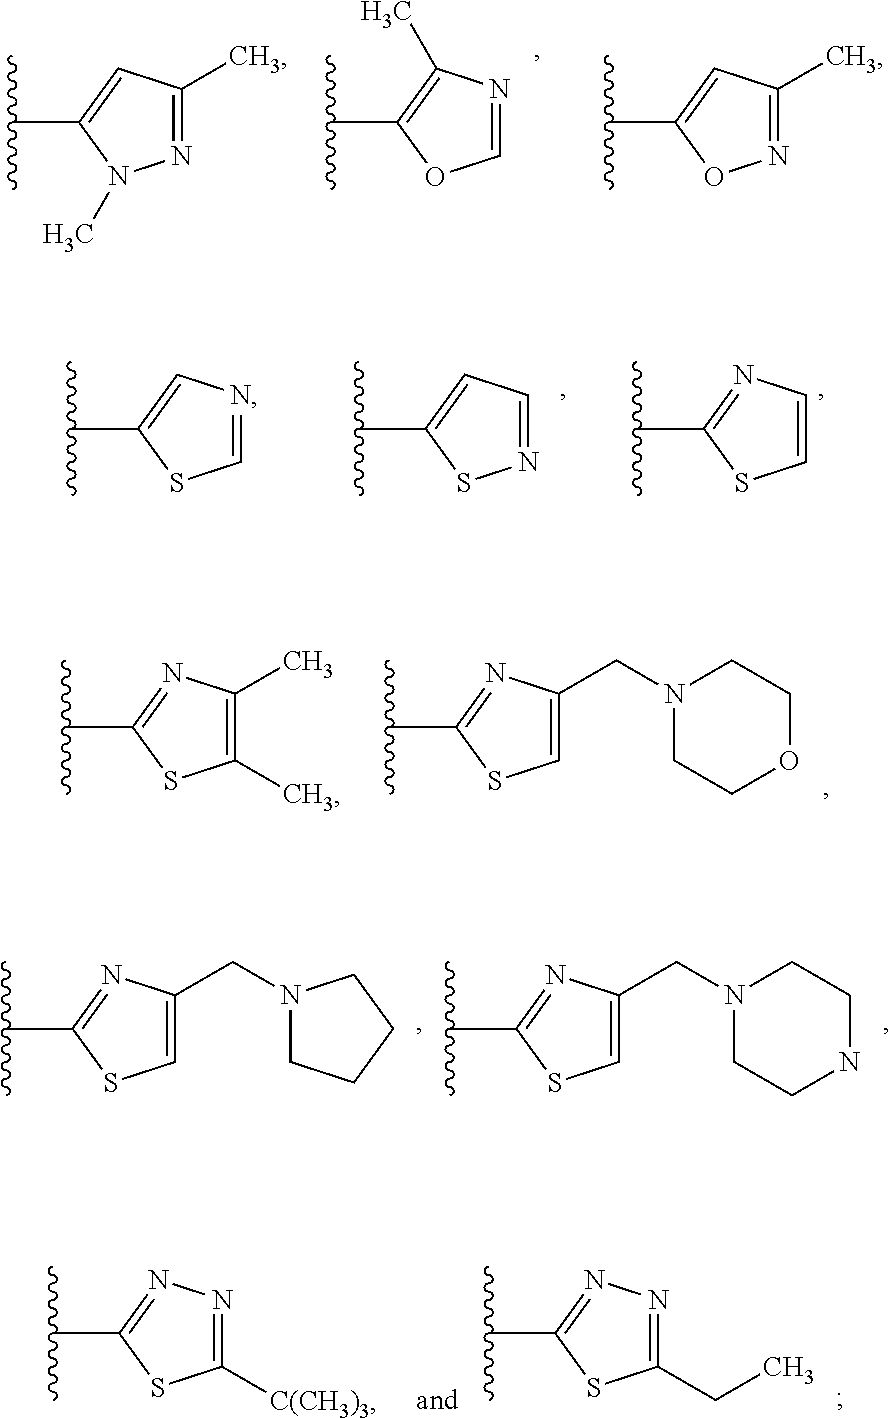 Figure US09326986-20160503-C00026